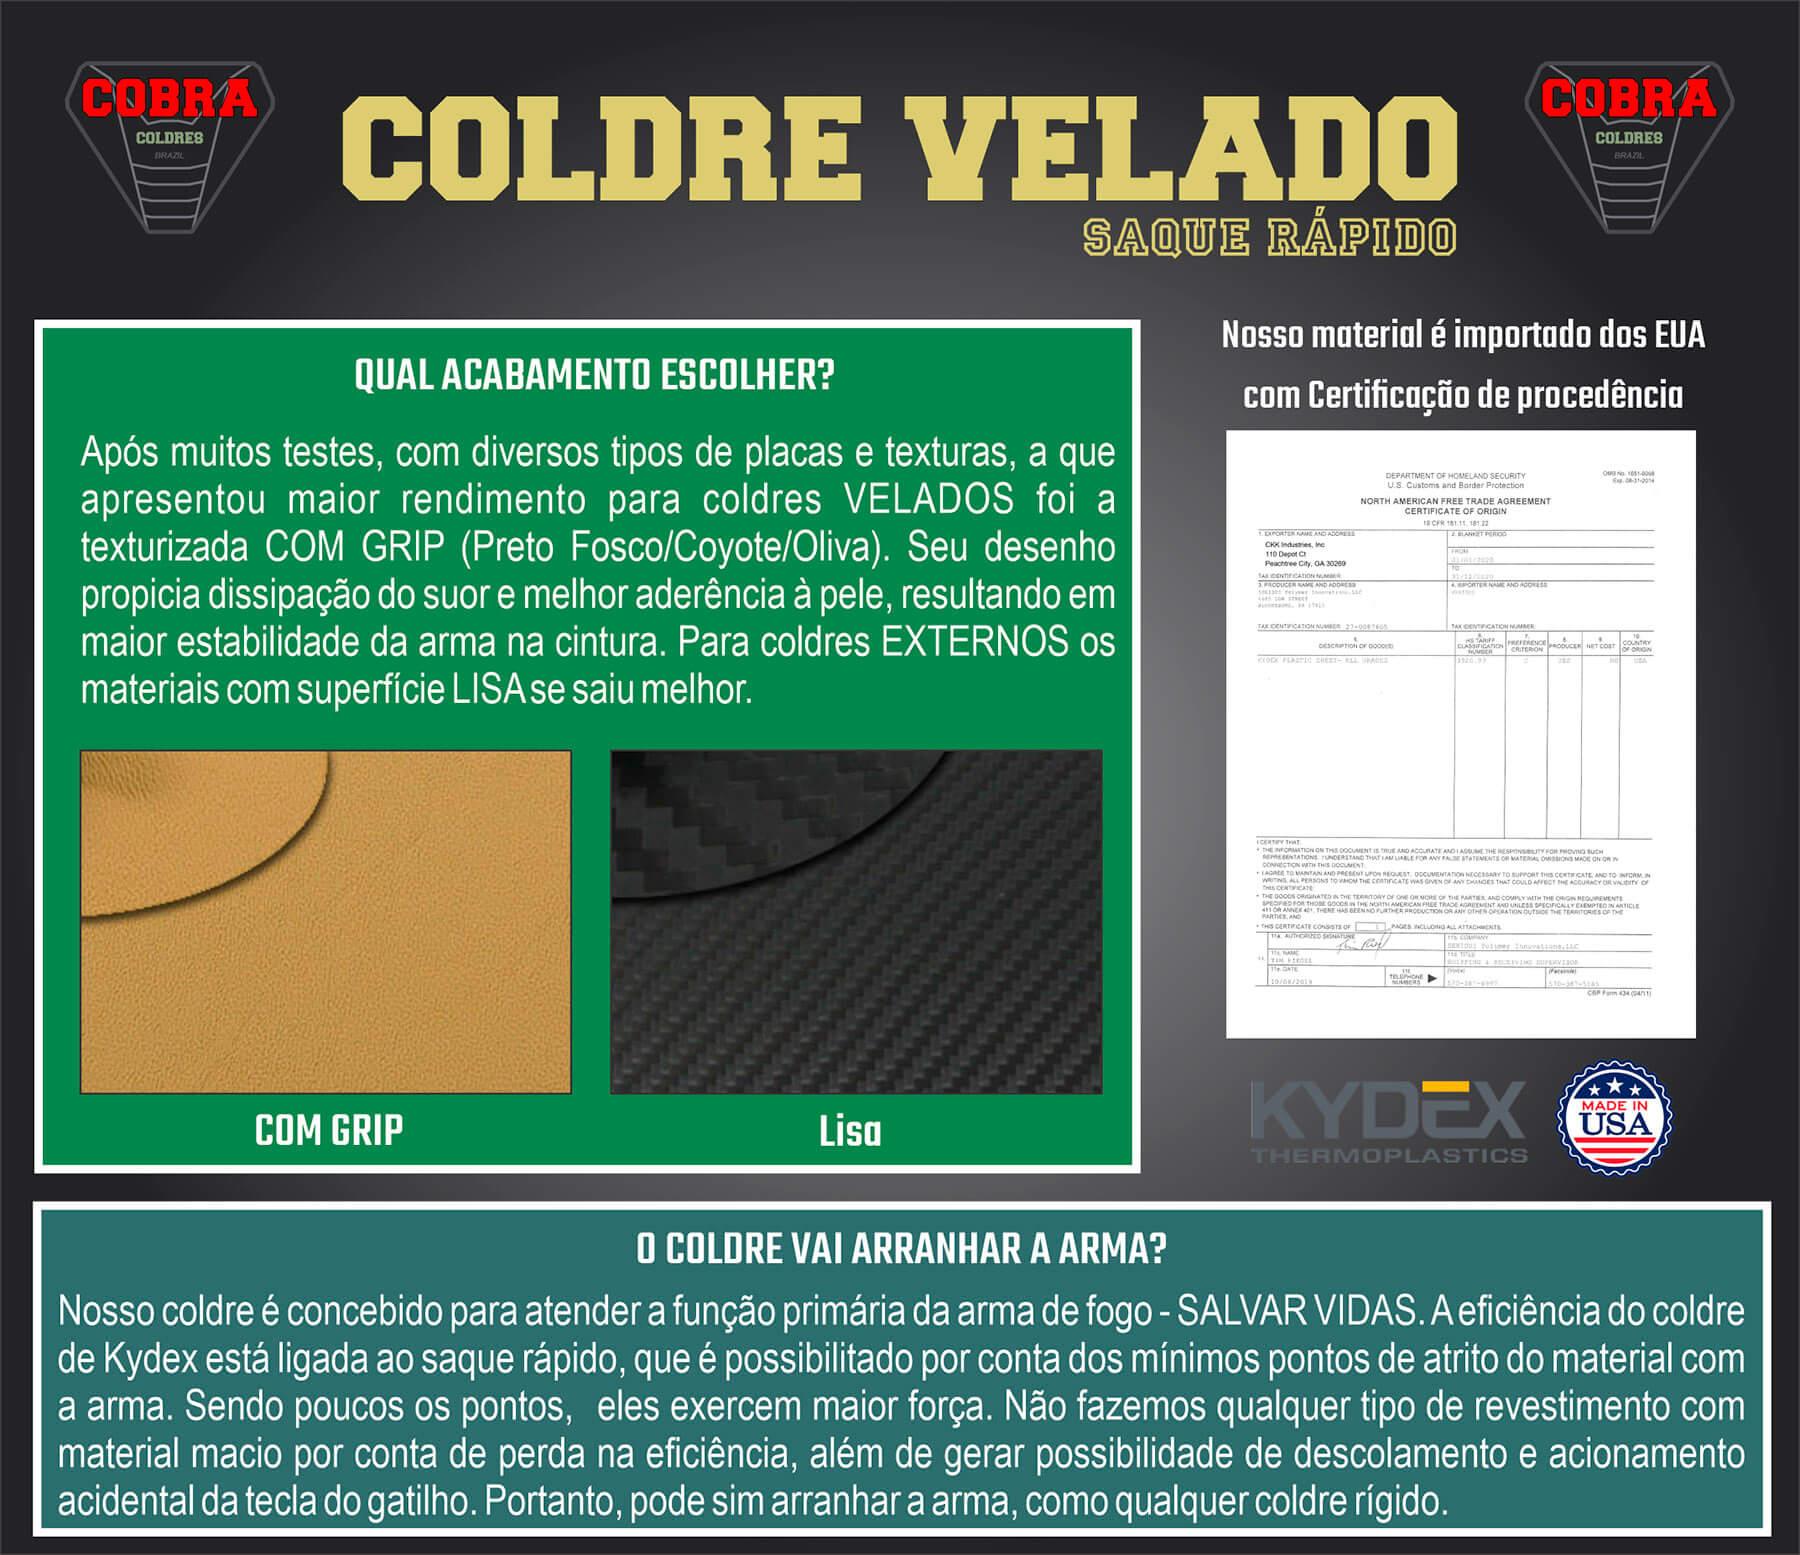 Coldre Slim TH40 TH9 TH380 Saque Rápido Velado Kydex® 080 - Verde Oliva Escuro